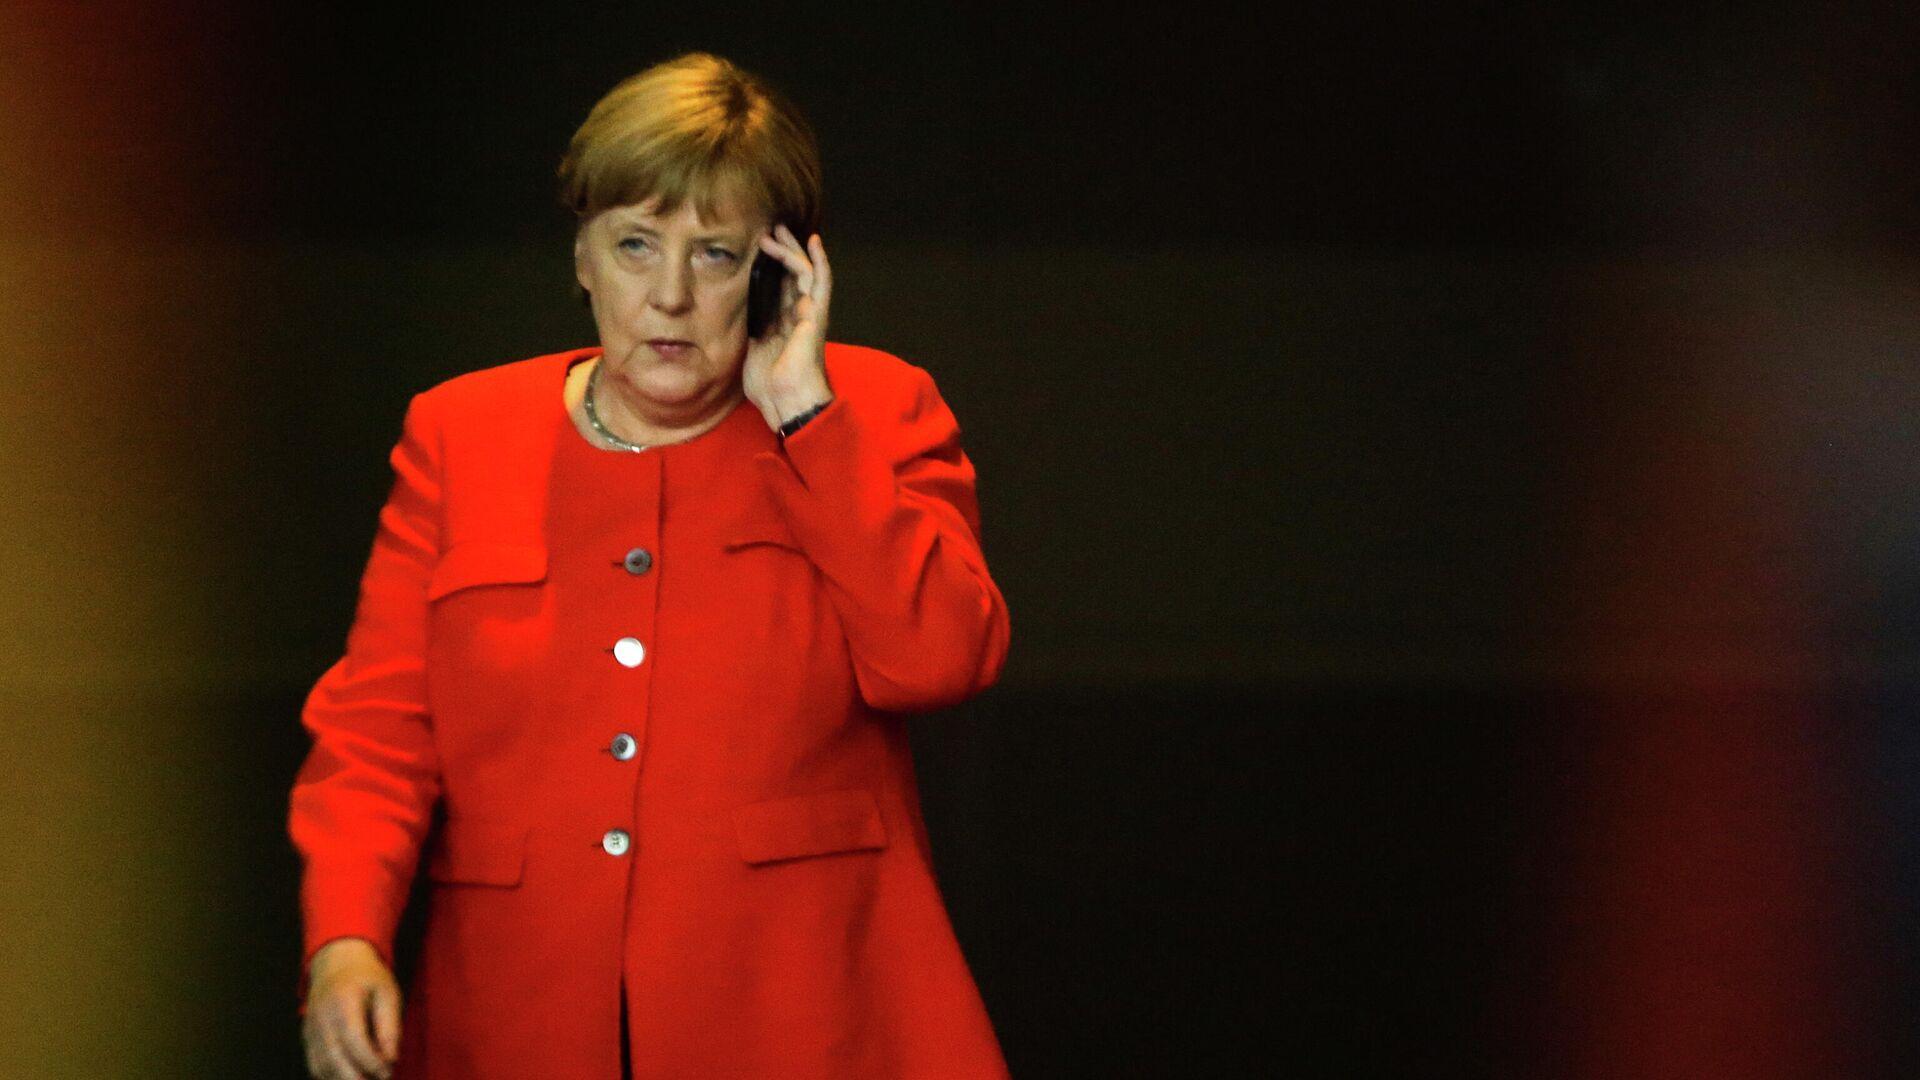 Bundeskanzlerin Angela Merkel beim Telefongespräch (Archivbild) - SNA, 1920, 05.07.2021